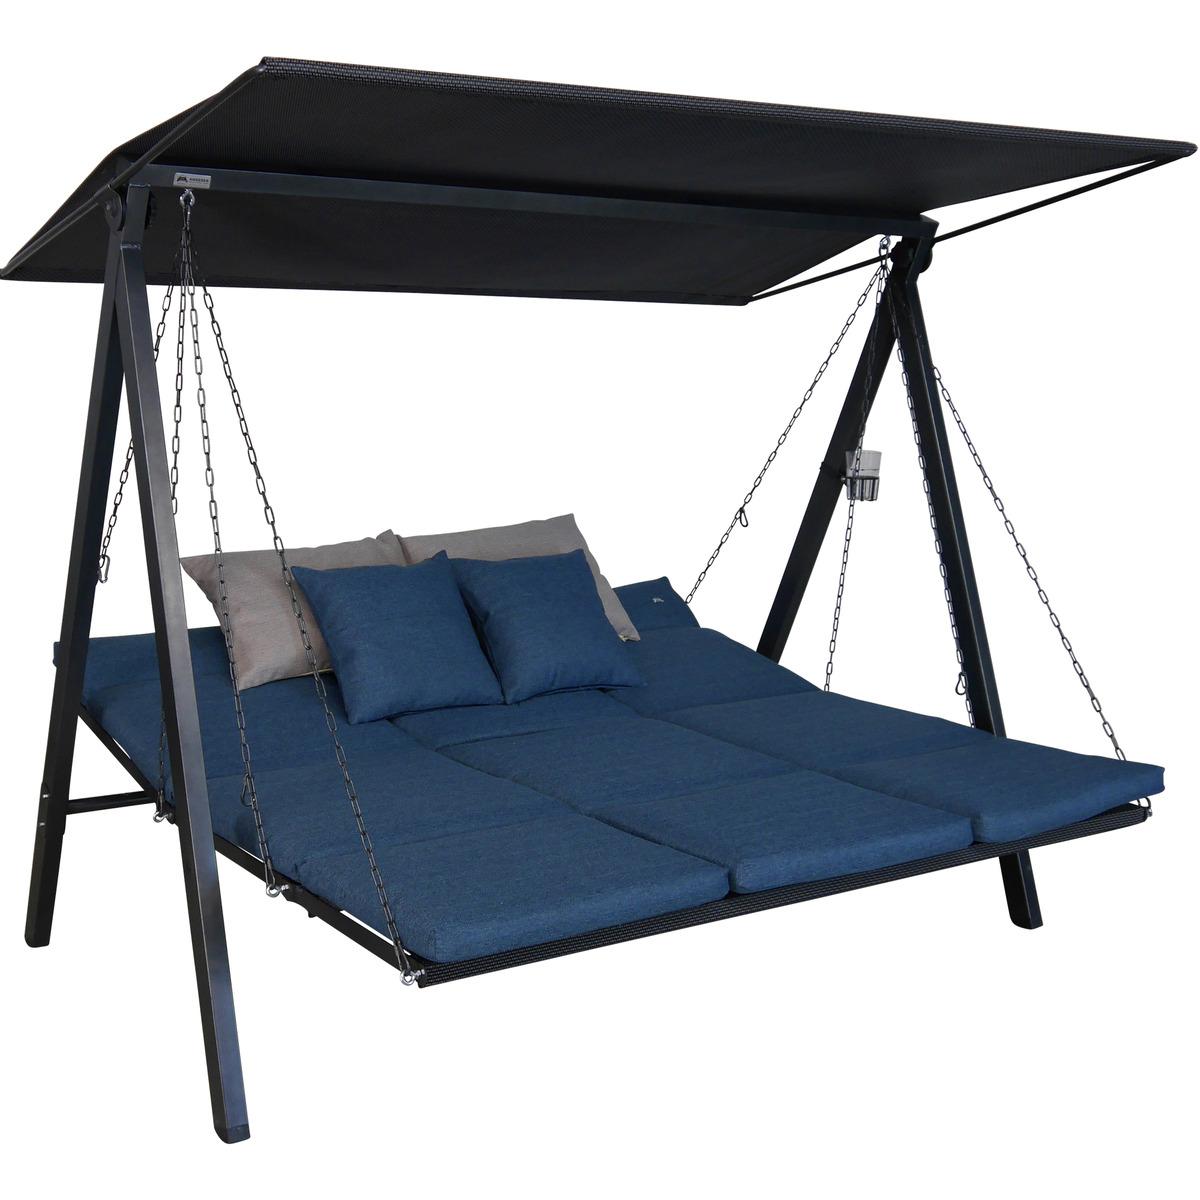 Bild 3 von Angerer Freizeitmöbel Hollywoodschaukel 'Lounge Smart' 3-Sitzer denim